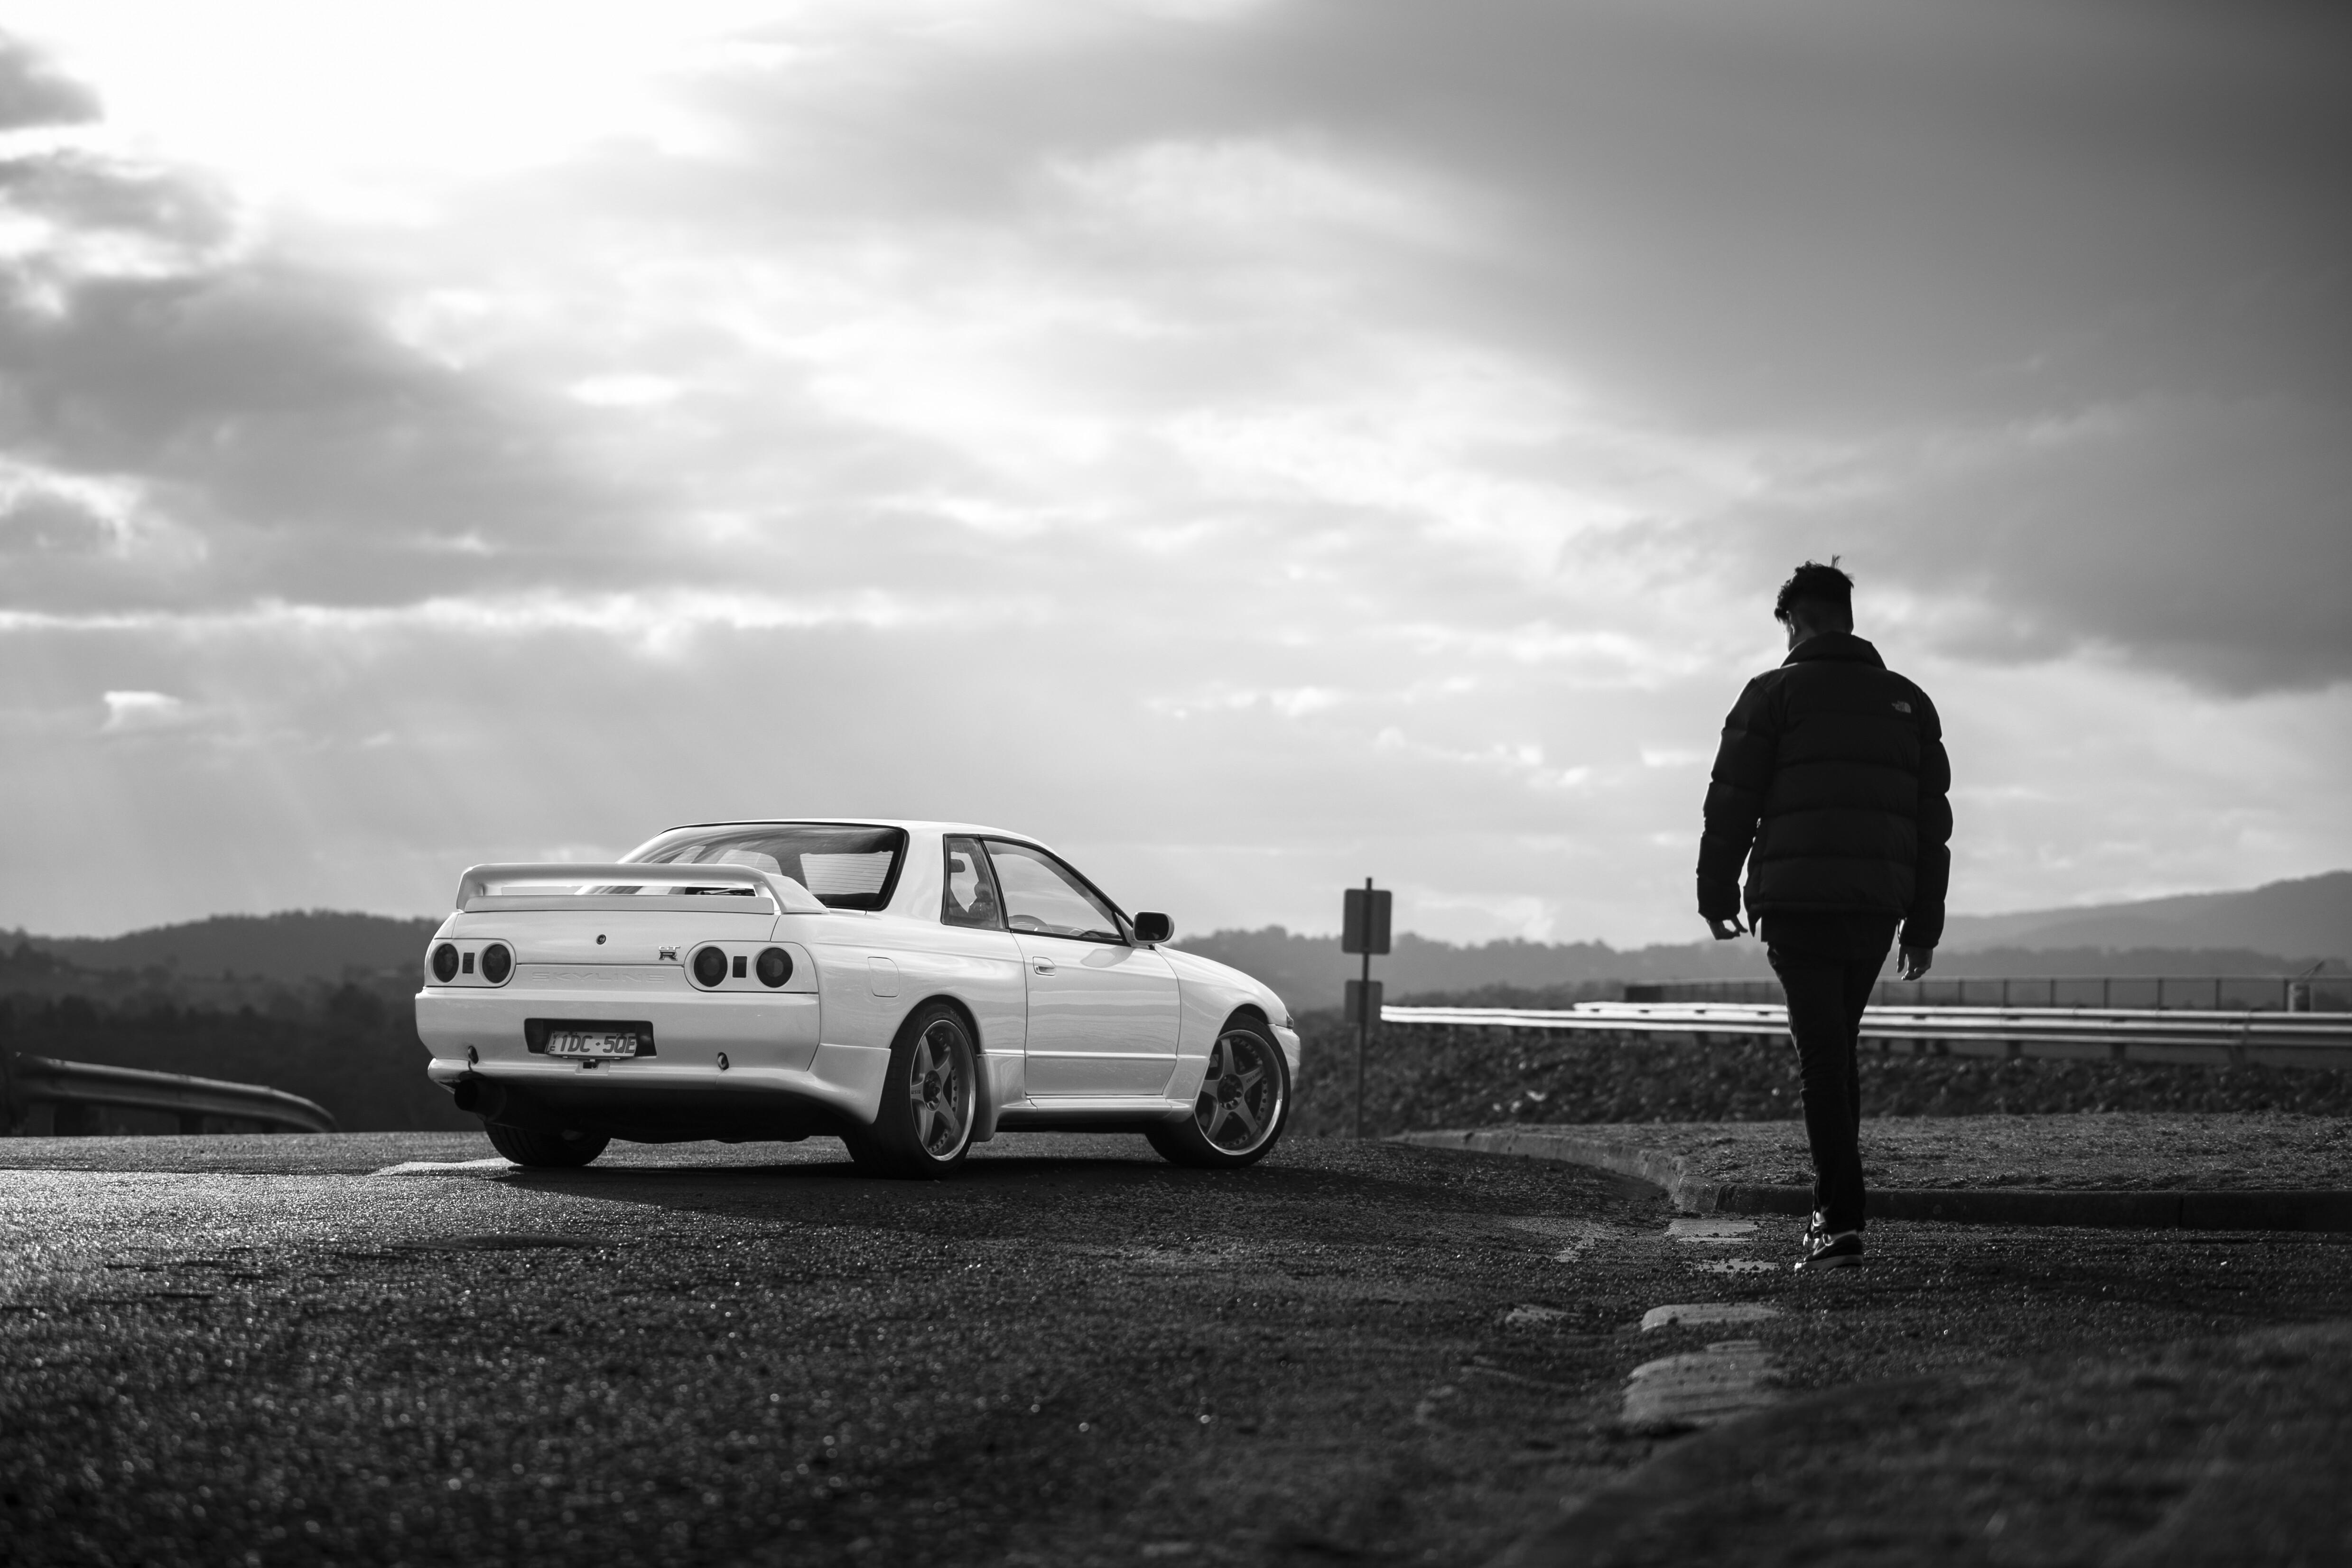 Nissan R32 GT-R Alex Affat